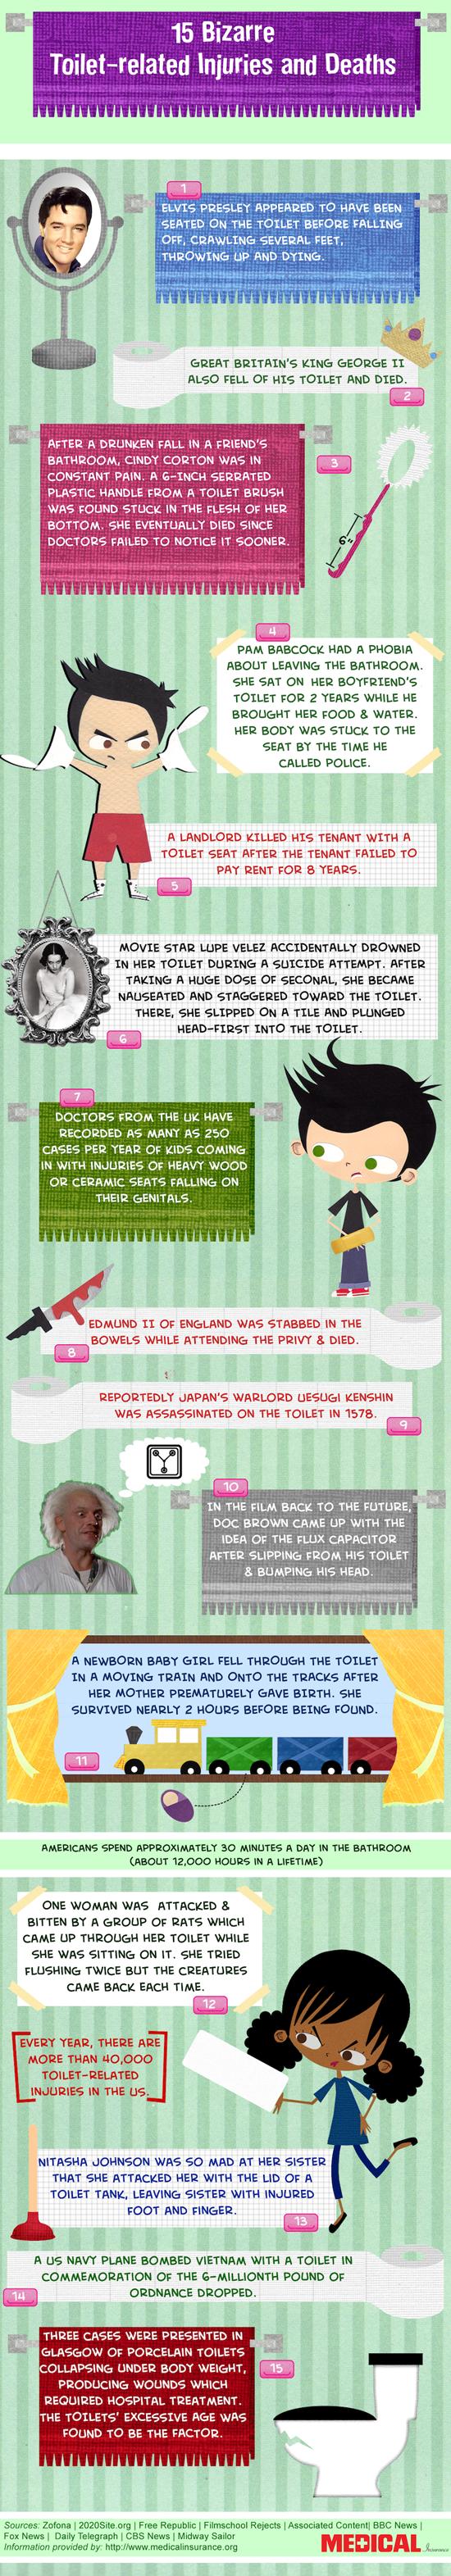 toilet injury, toilet death, toilet infographic, infographic